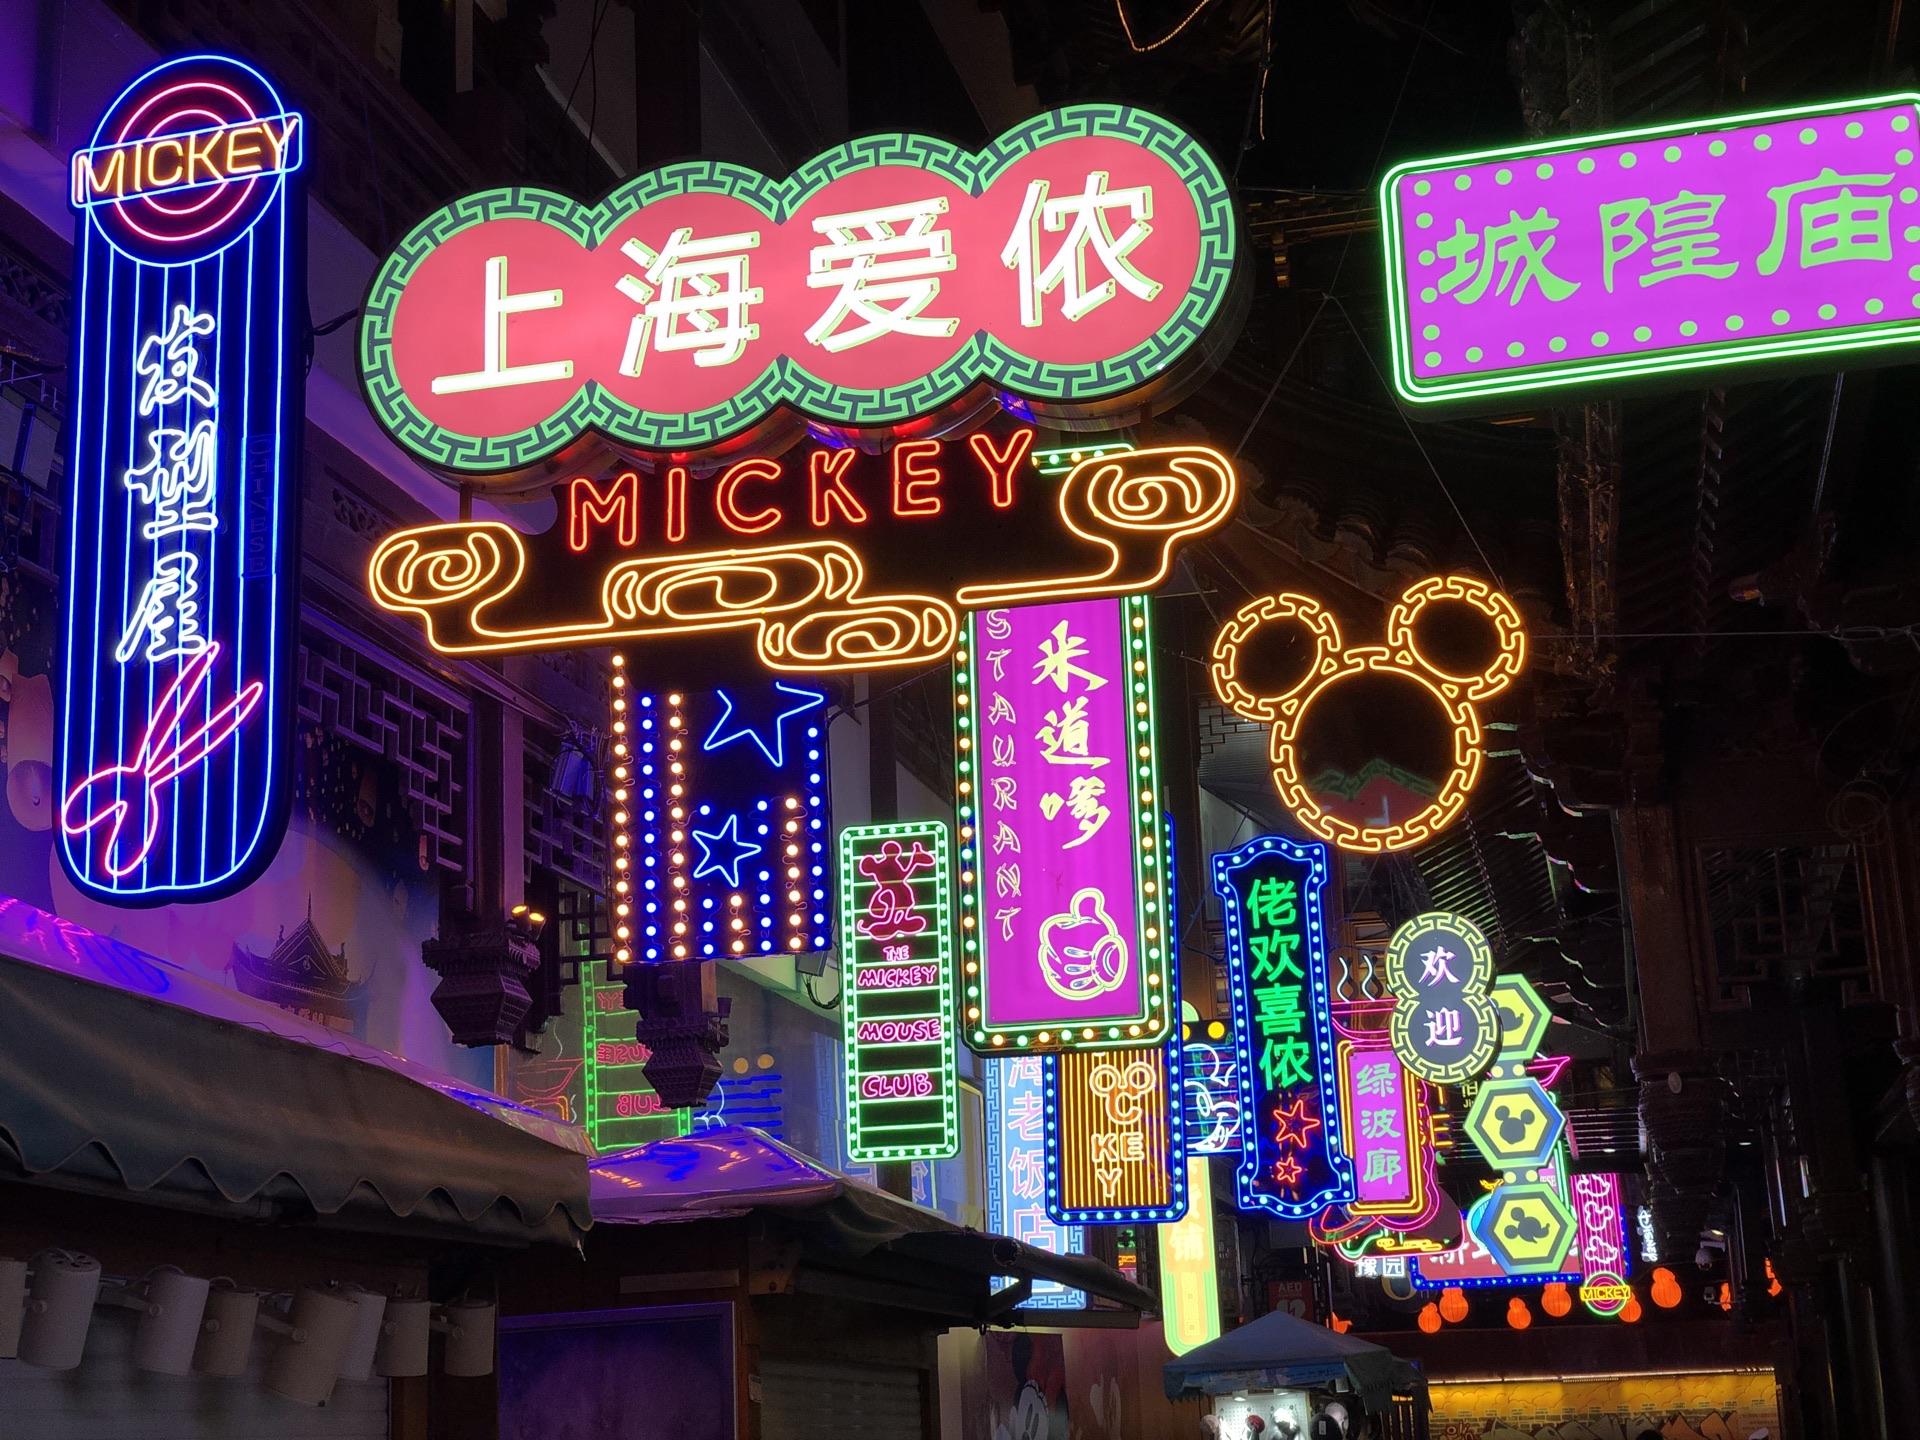 上海豫园灯会门票_上海豫园攻略,上海豫园门票/游玩攻略/地址/图片/门票价格【携程 ...